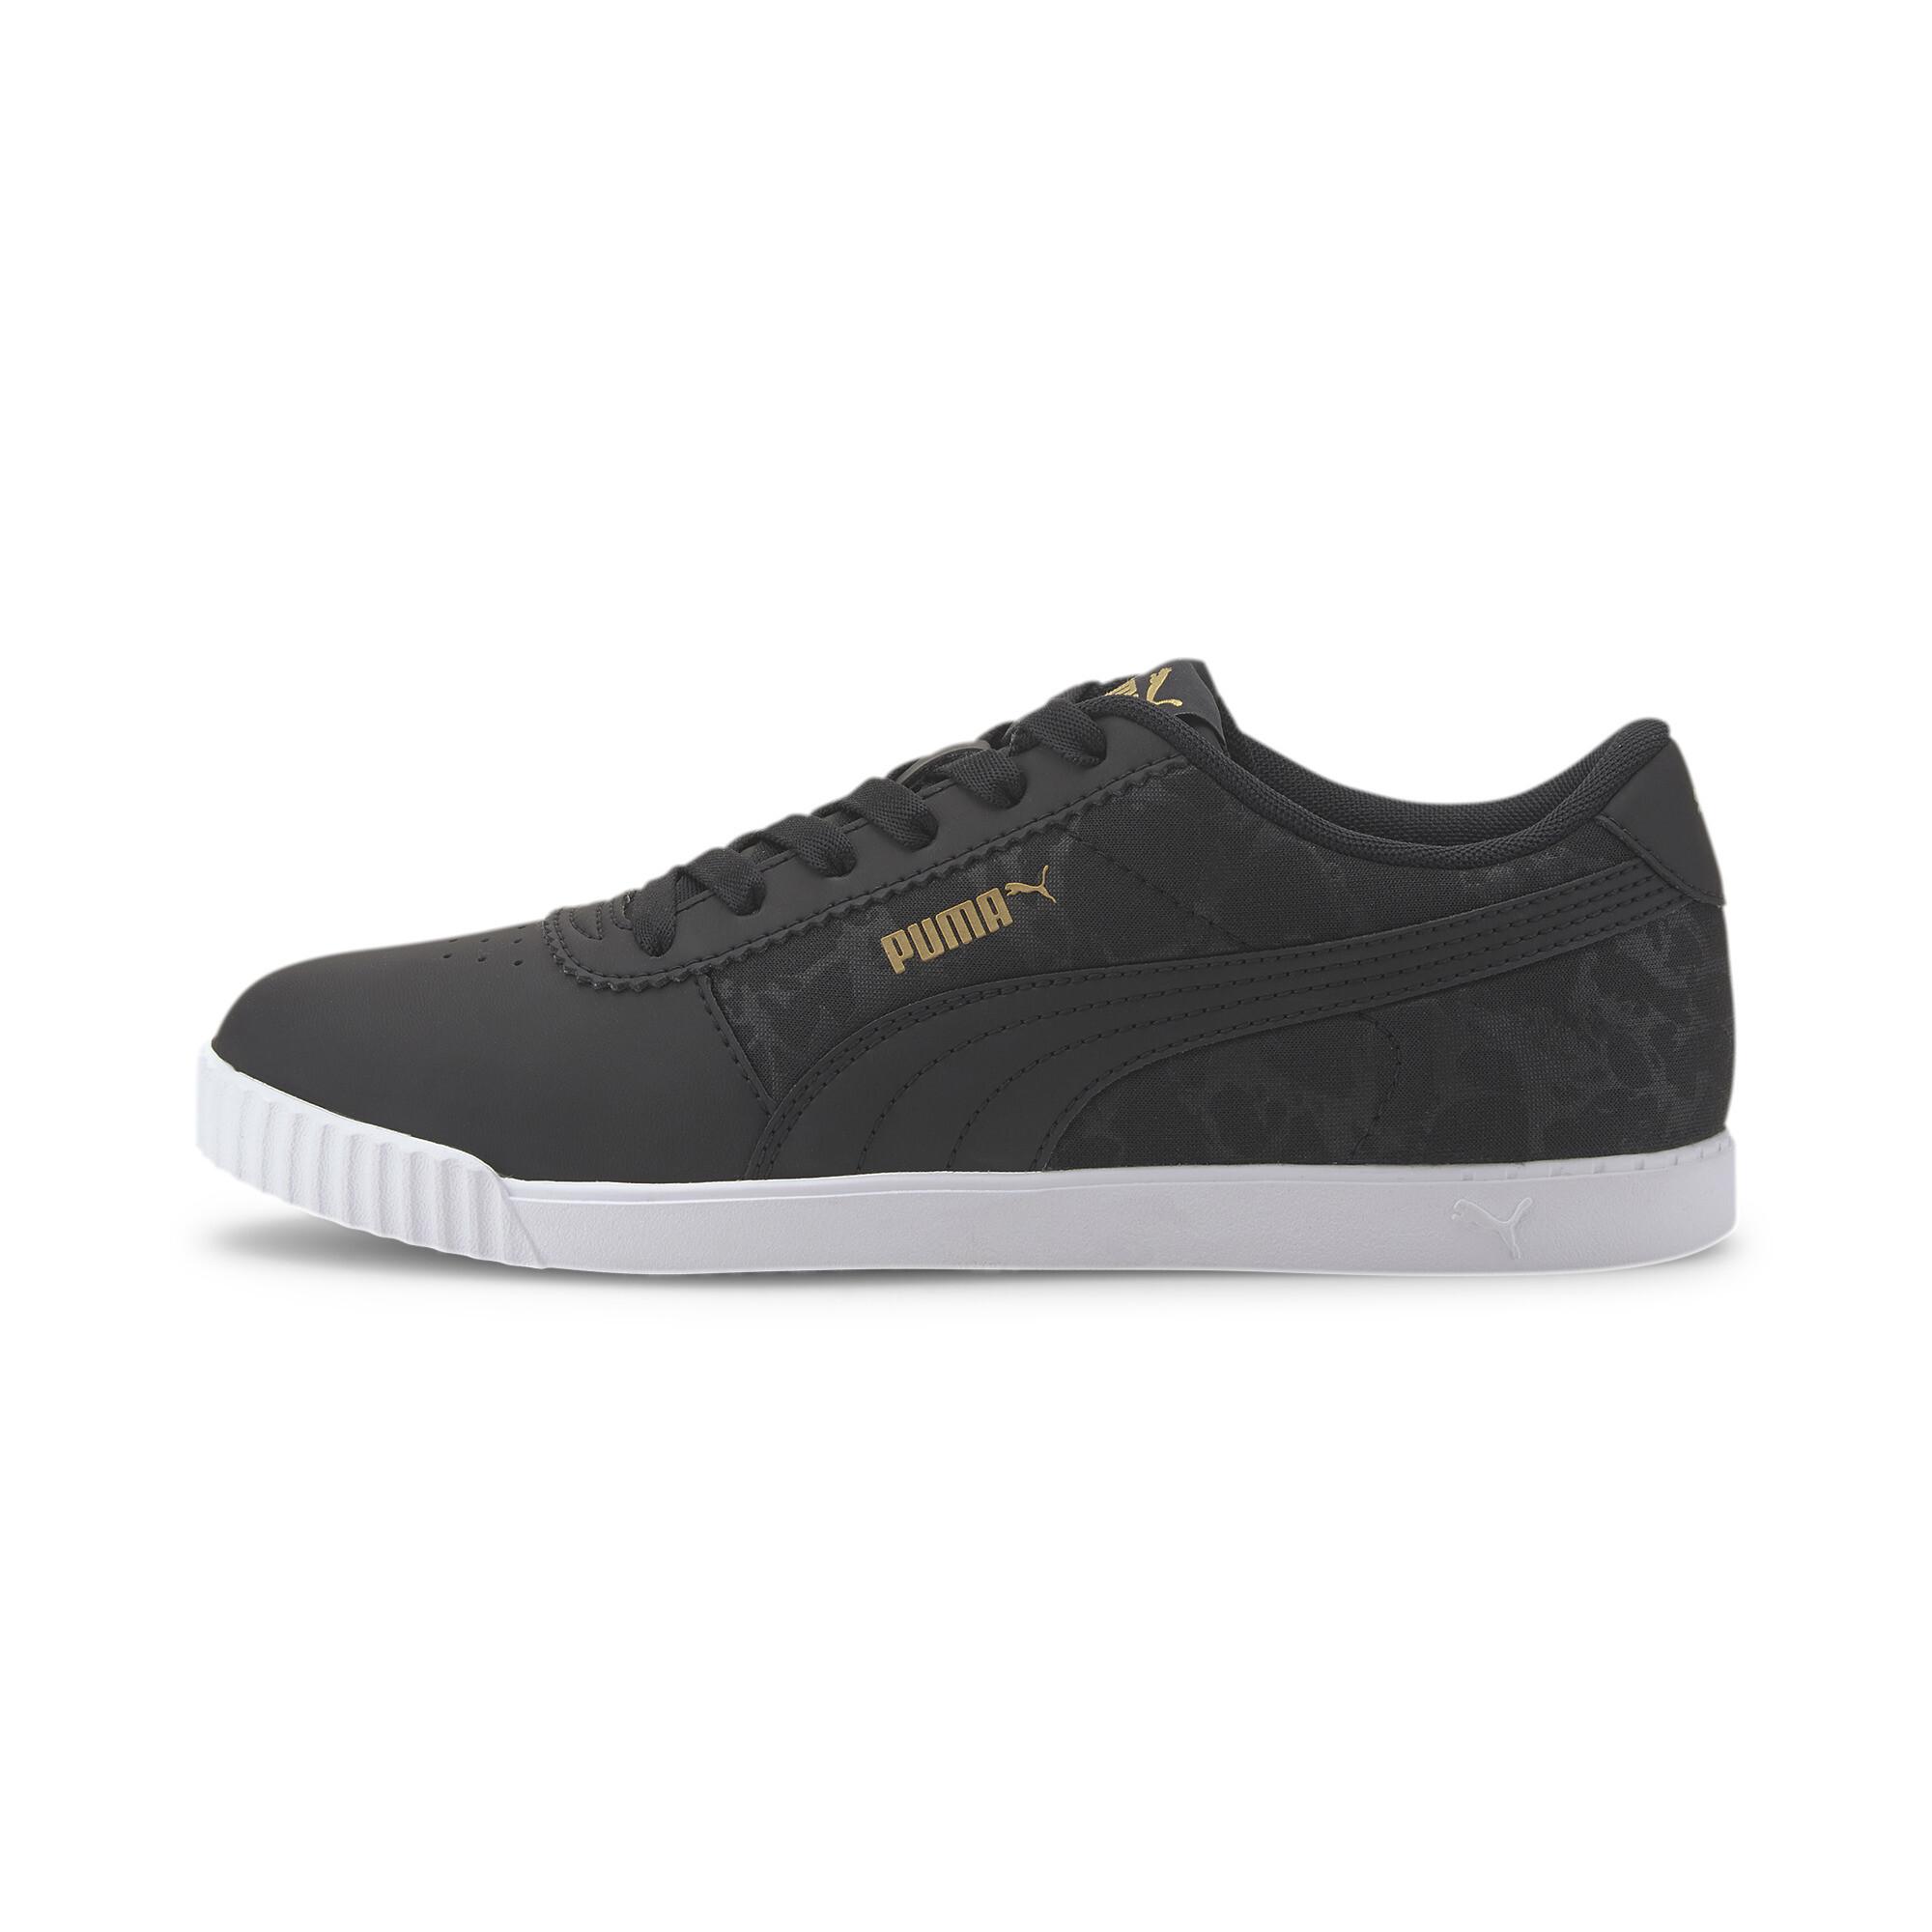 PUMA-Women-039-s-Carina-Slim-Veil-Sneakers thumbnail 11